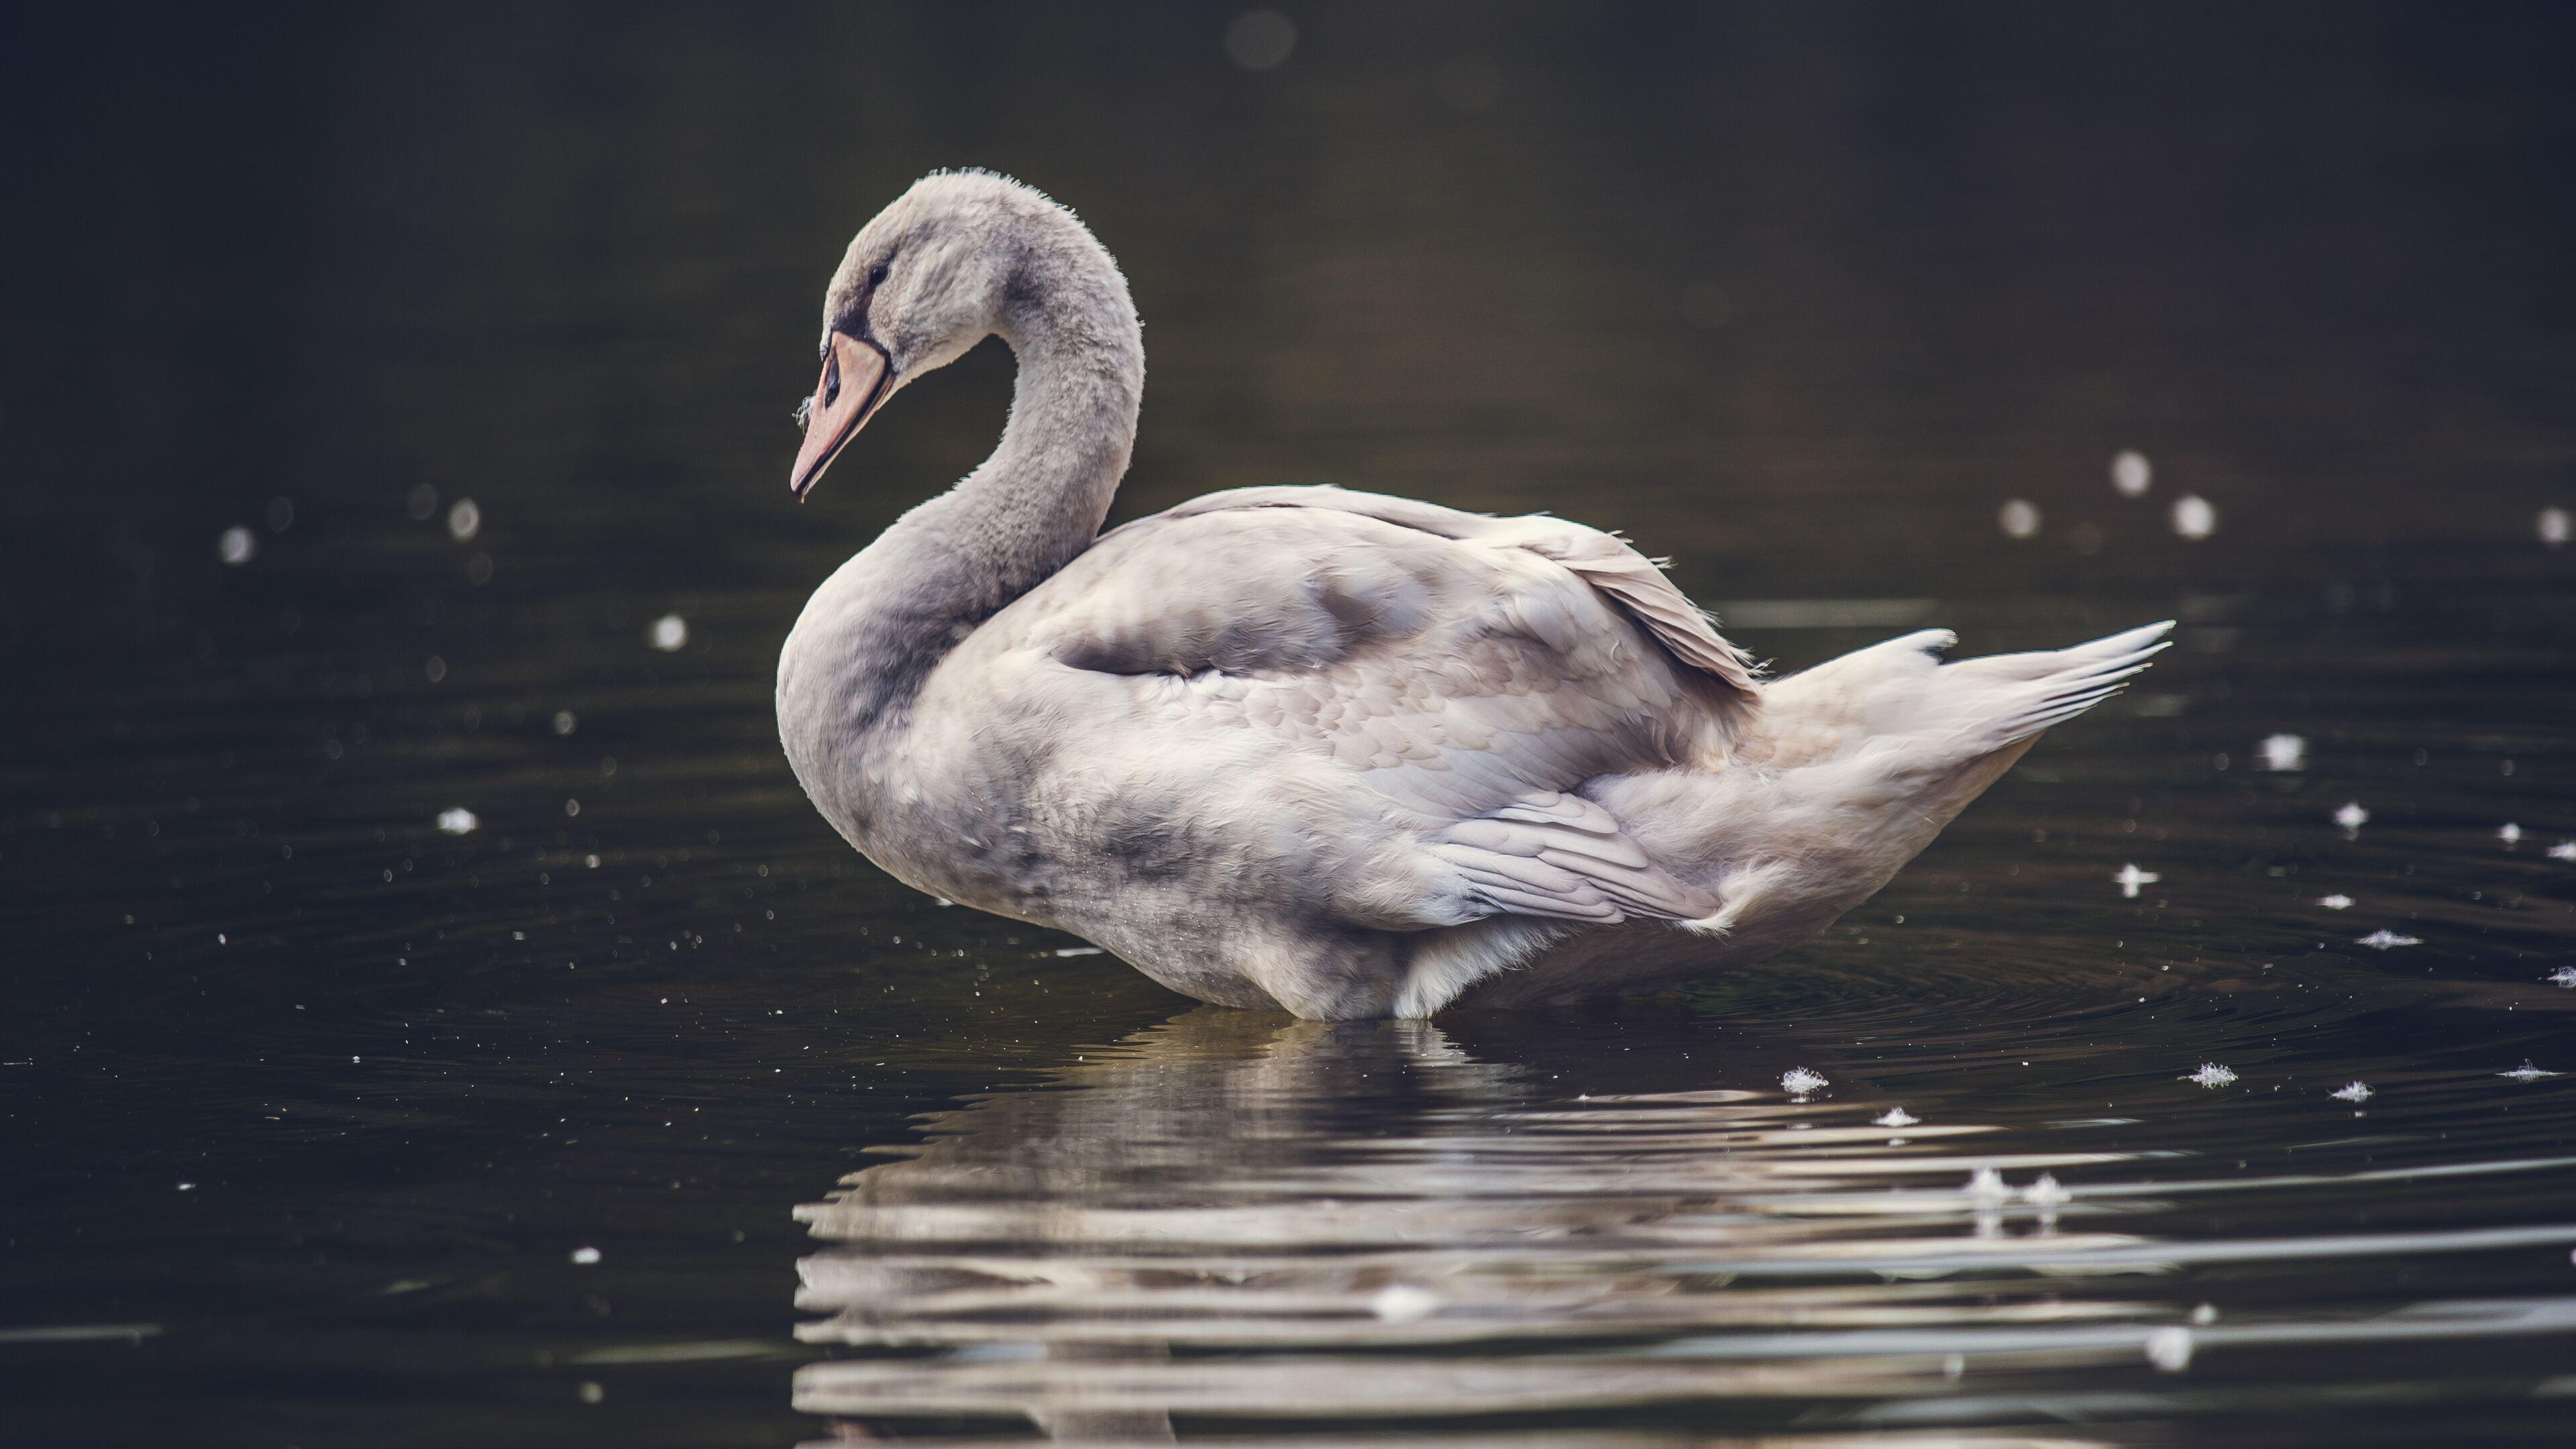 swan-lake-5k-de.jpg